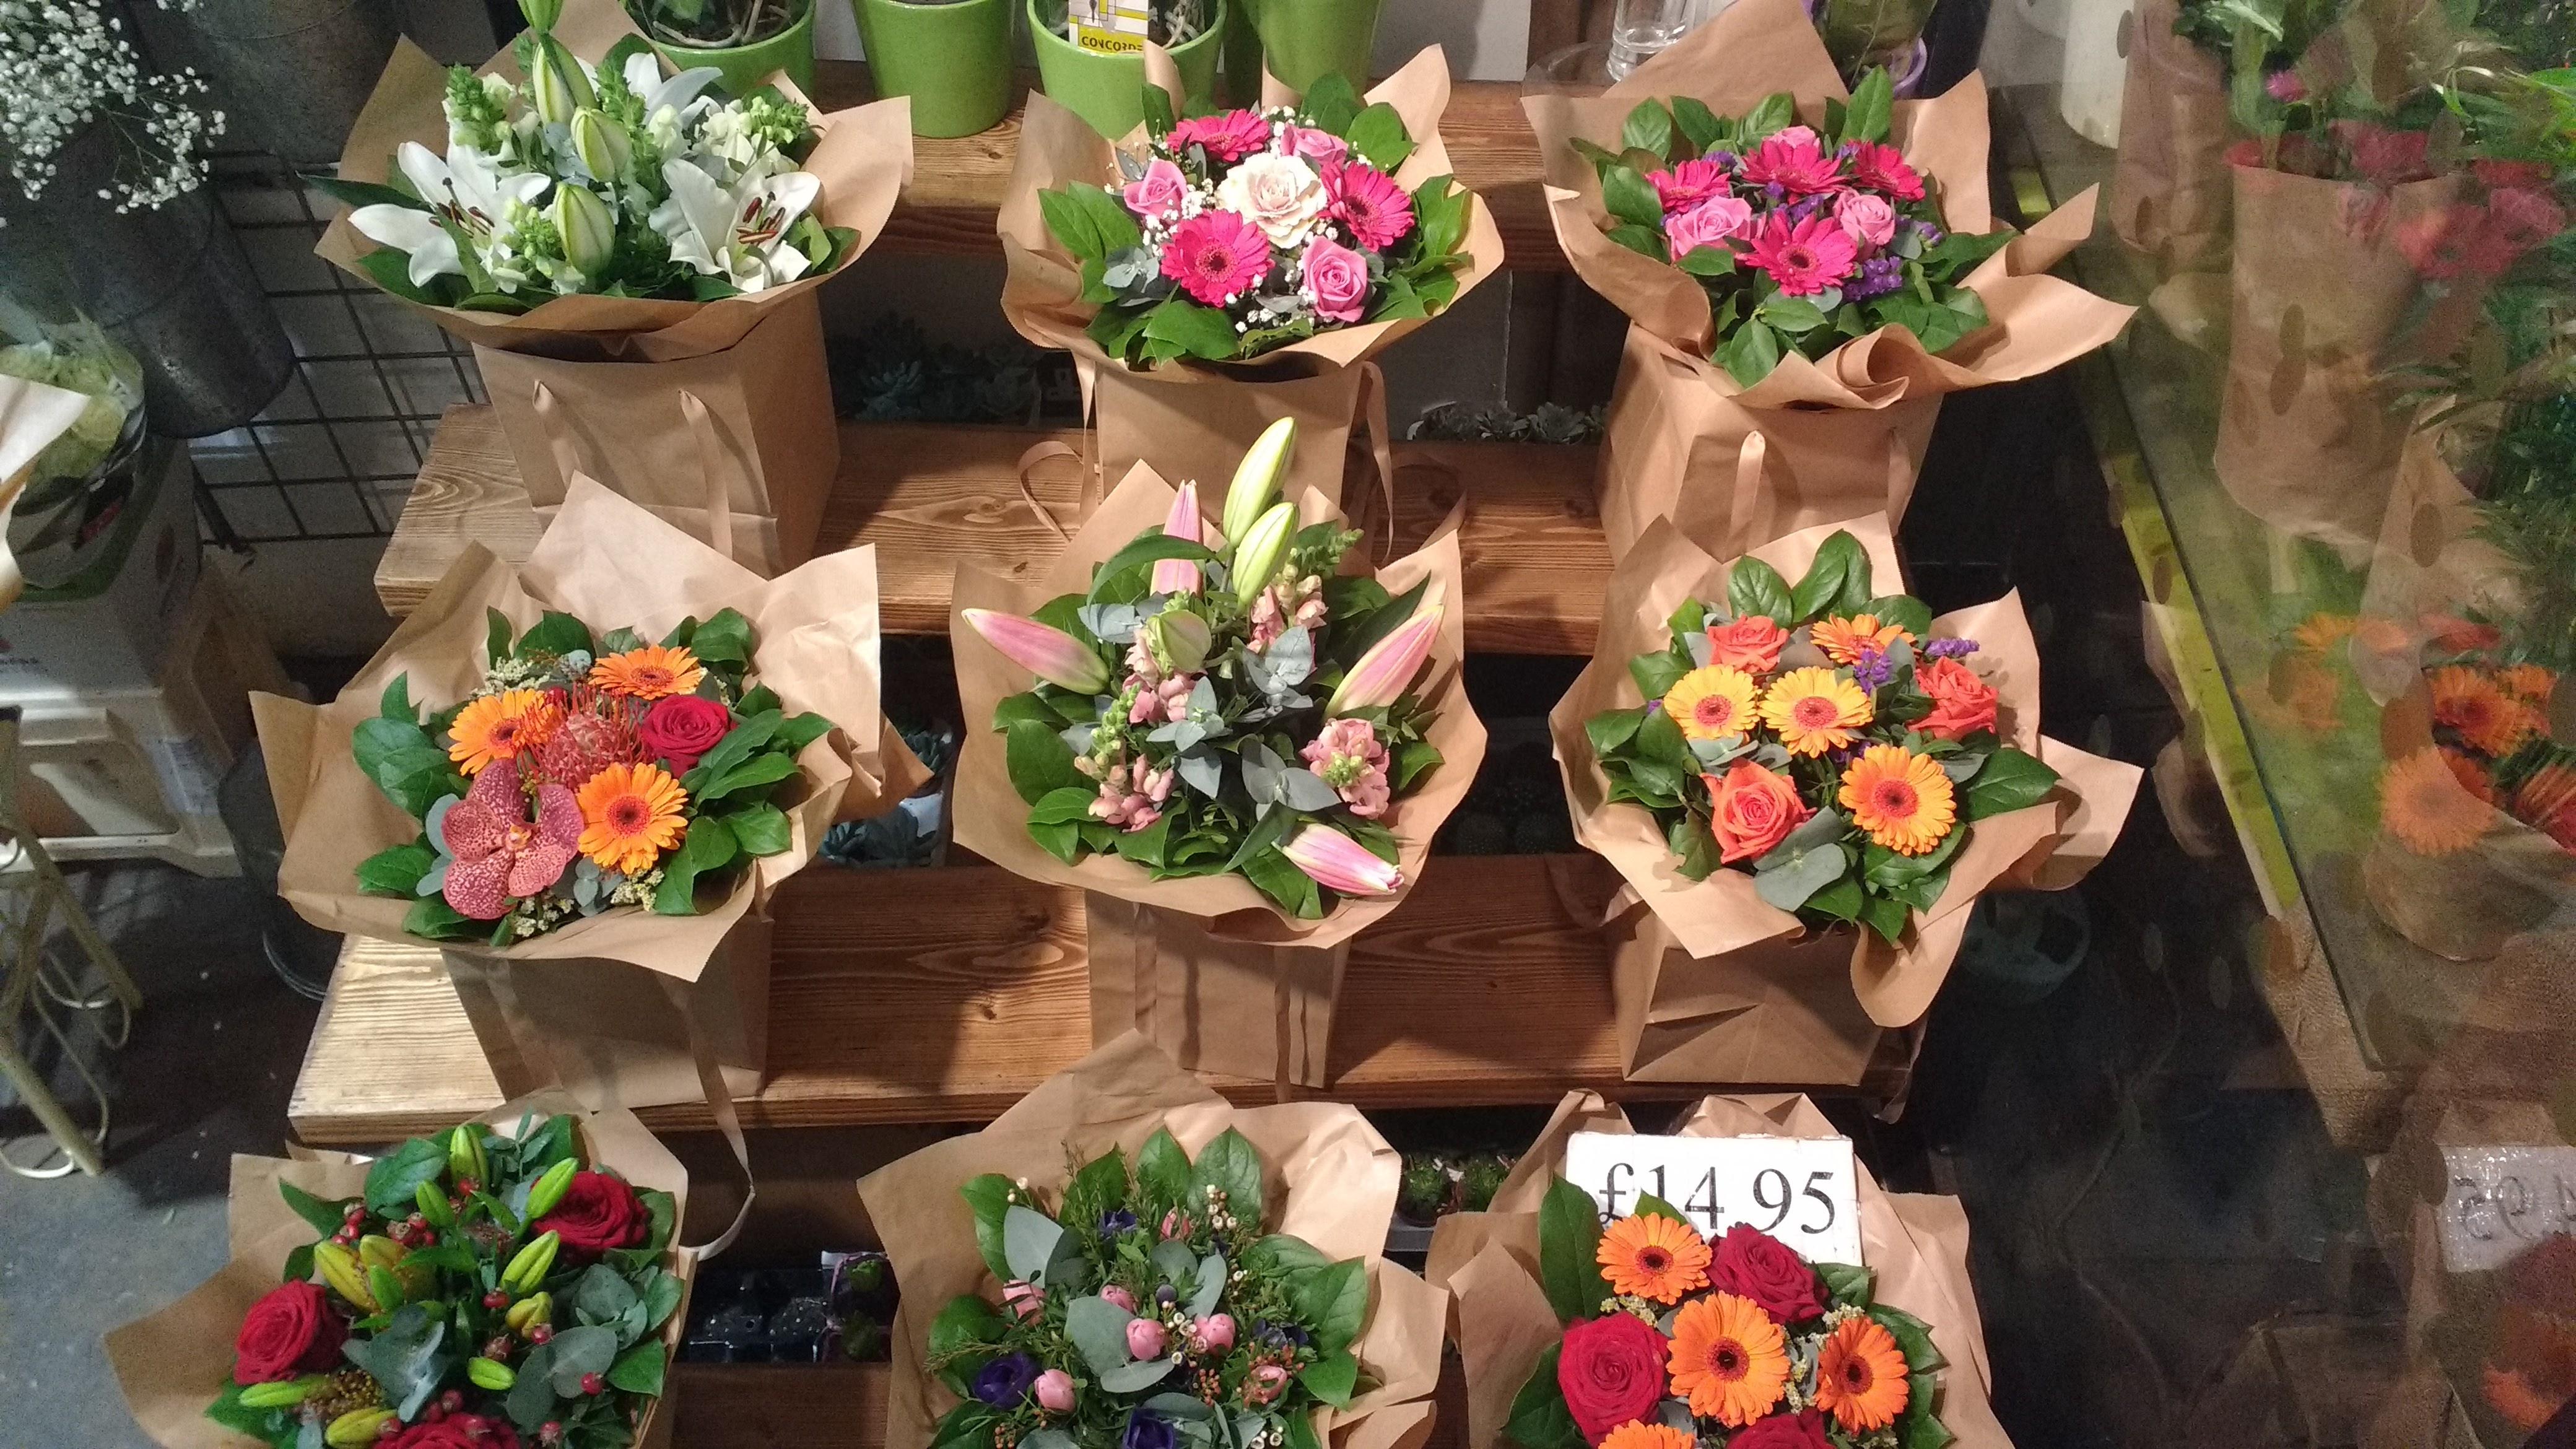 Xác định nguồn vốn – kinh nghiệm mở cửa hàng hoa tươi